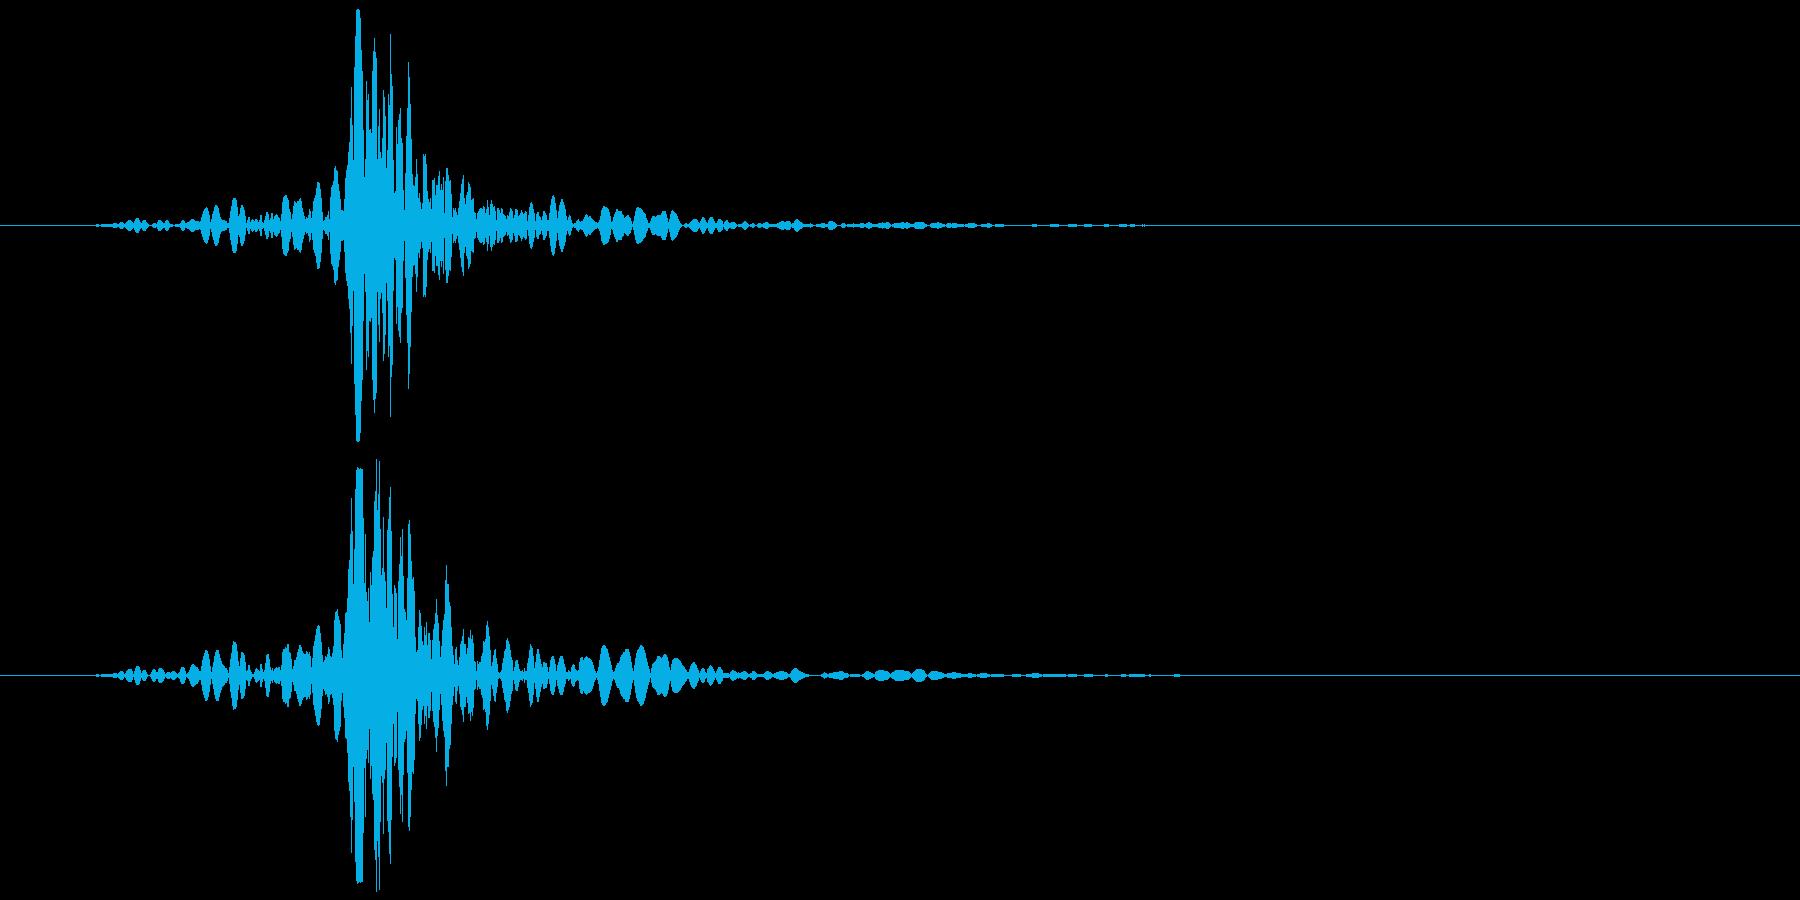 コンセント 抜く、挿す ズッ… 低めの再生済みの波形